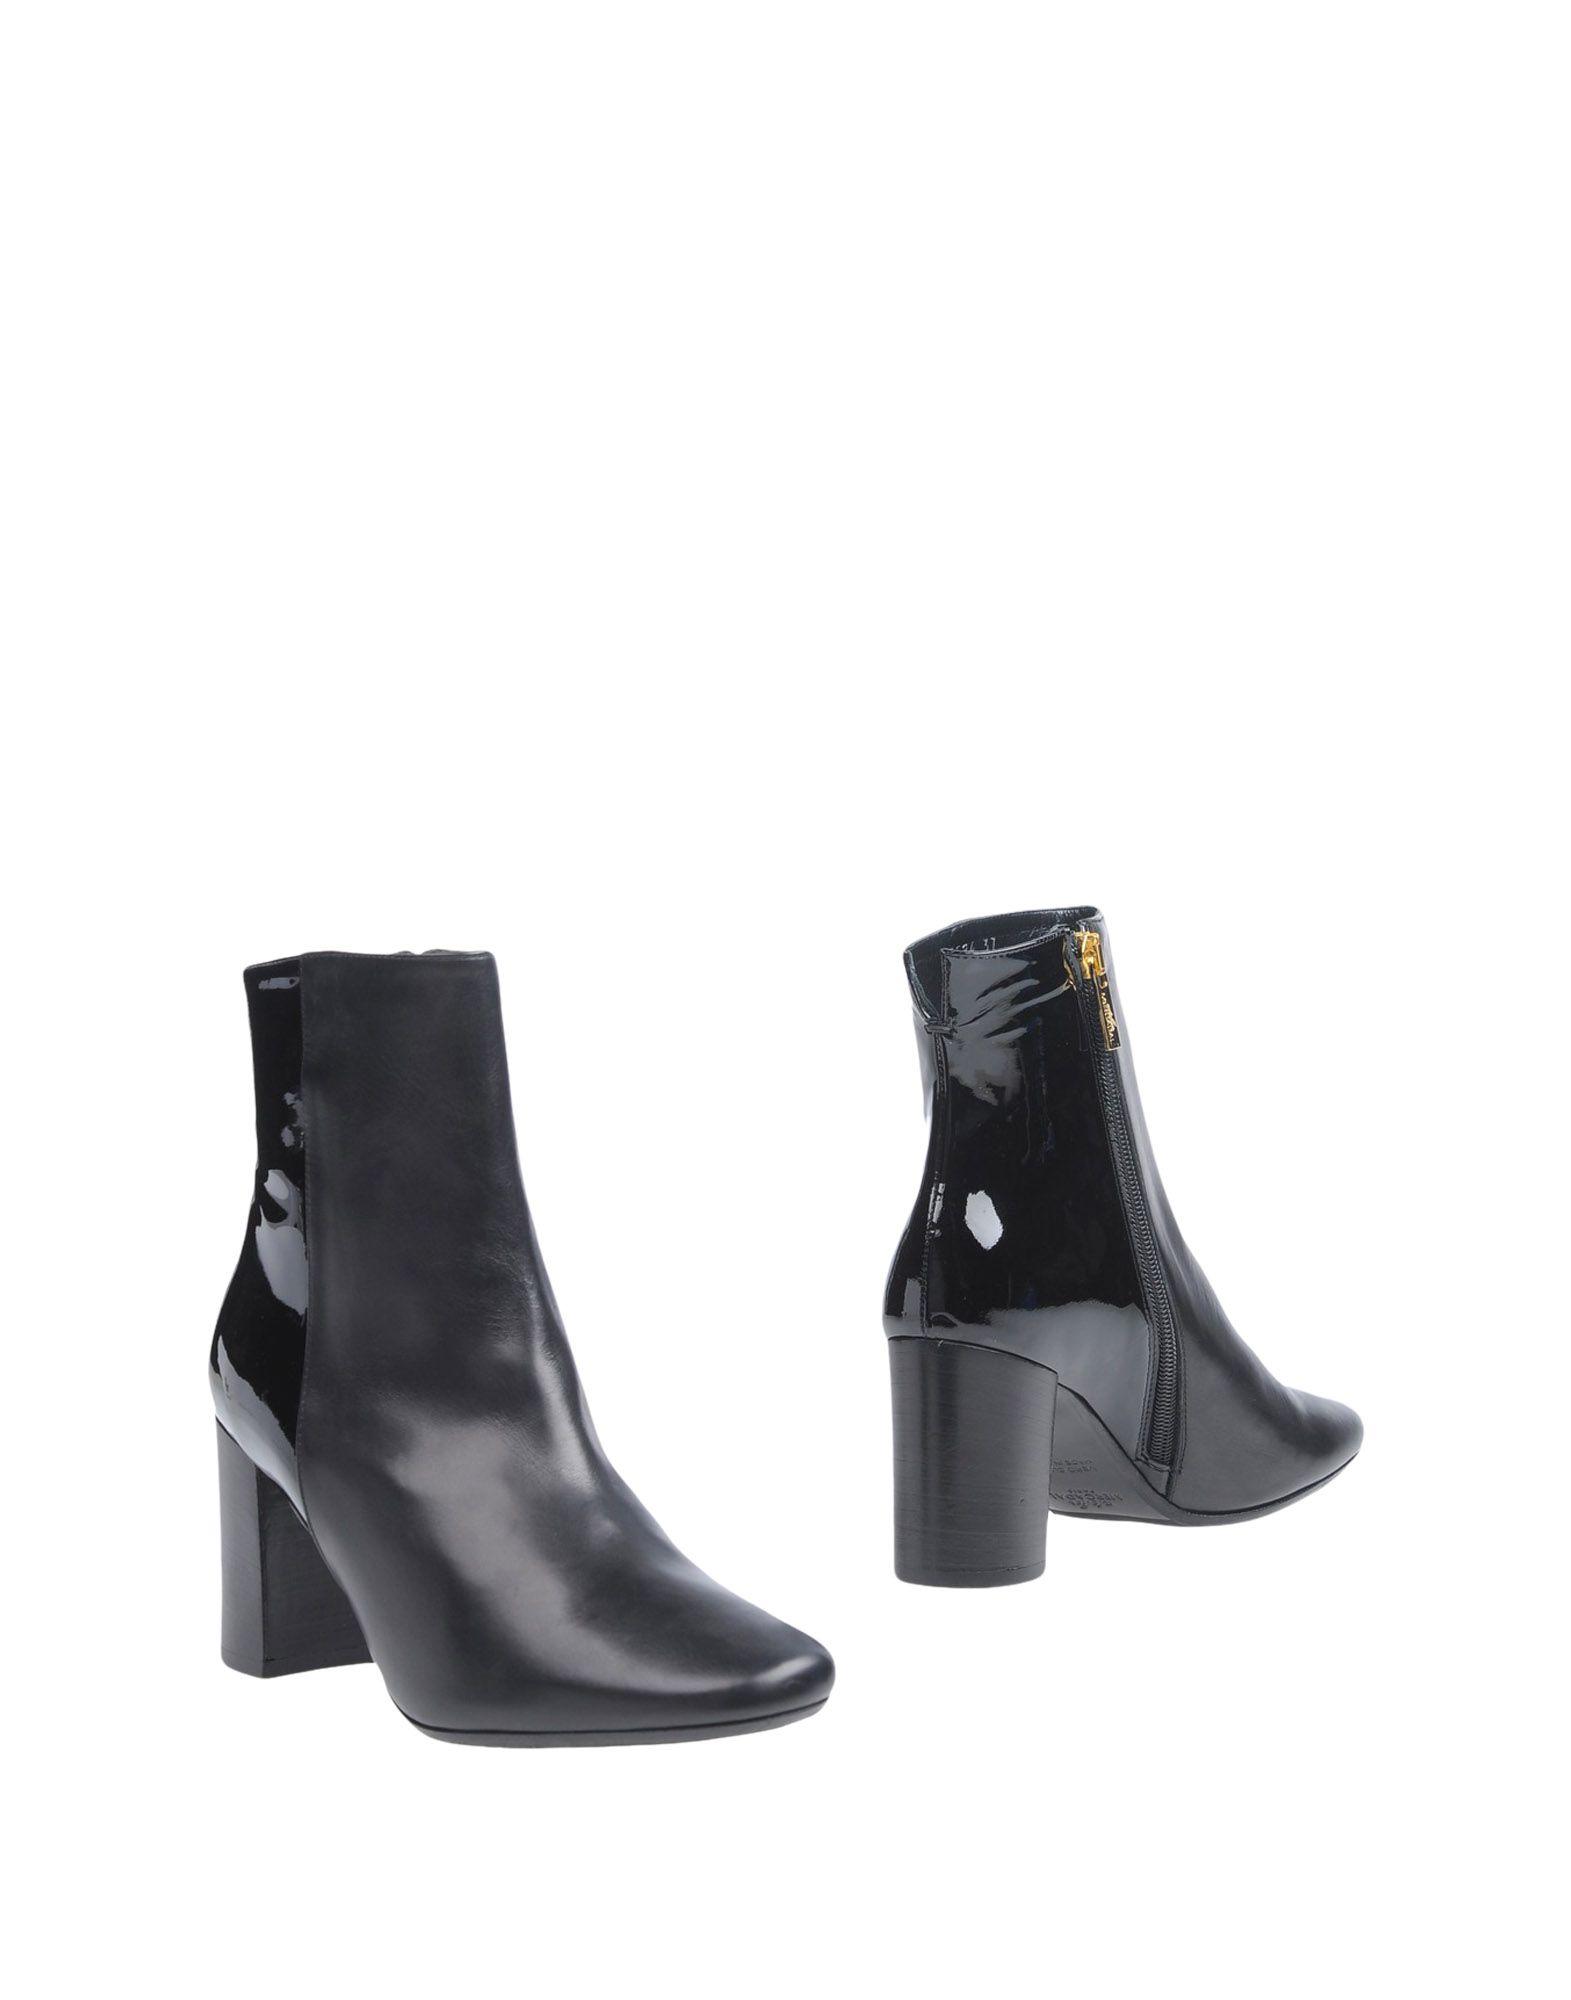 Atelier Mercadal Stiefelette Damen  11354915EU Gute Qualität beliebte Schuhe